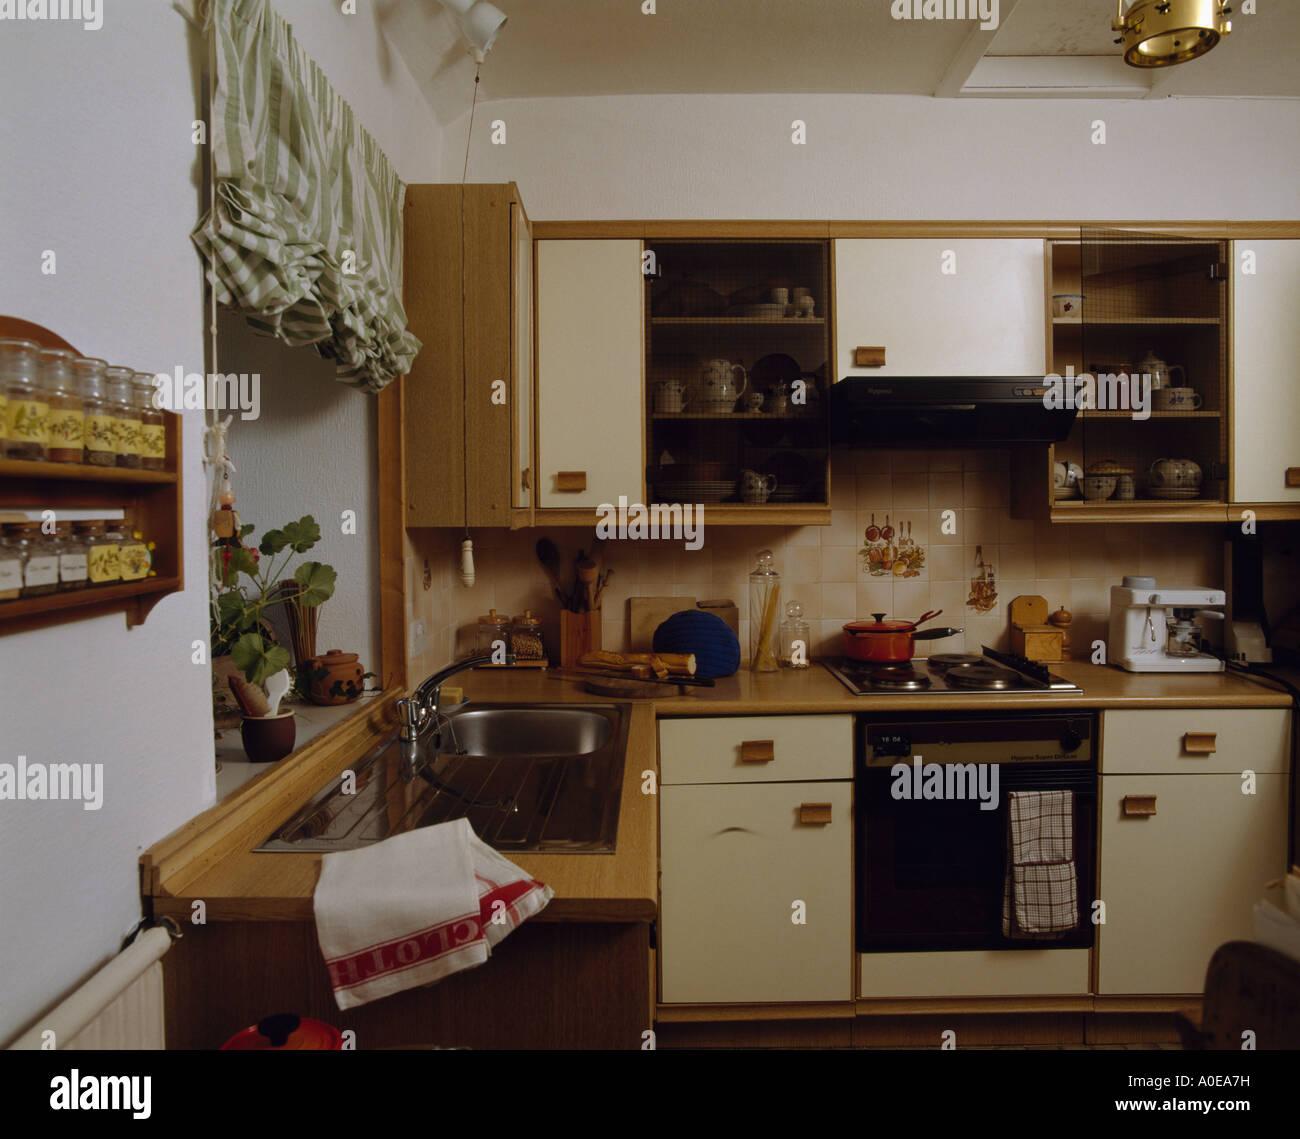 70er Jahre Küche mit Backofen Stockfoto, Bild: 9969652 - Alamy